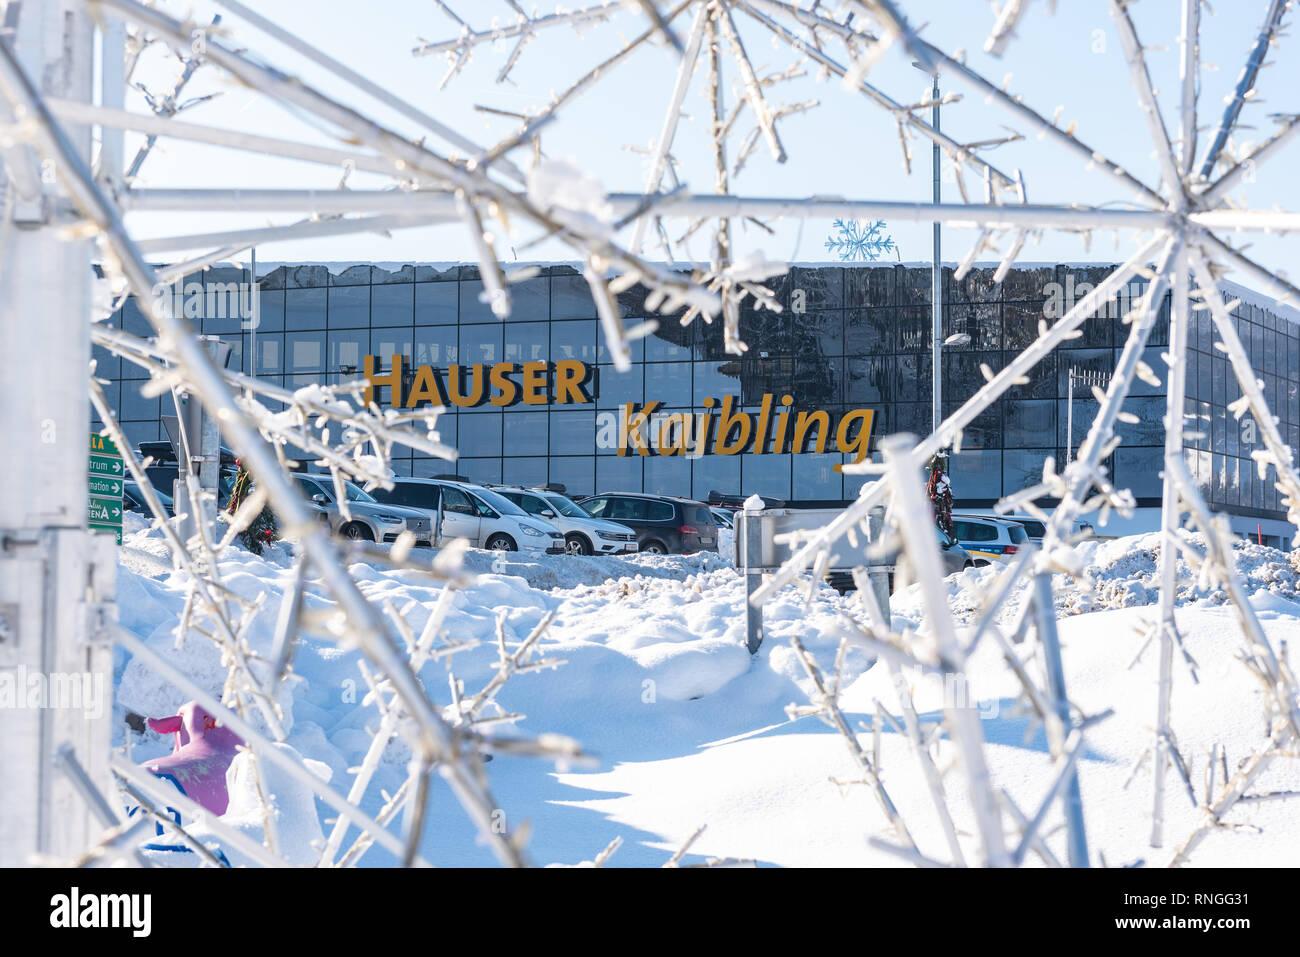 Skigebiet Hauser Kaibling - einer von Österreichs Top Skigebiete 44 Liftanlagen 123 km Pisten, Parkplatz, Schladminger miteinander 4 Berge Stockbild